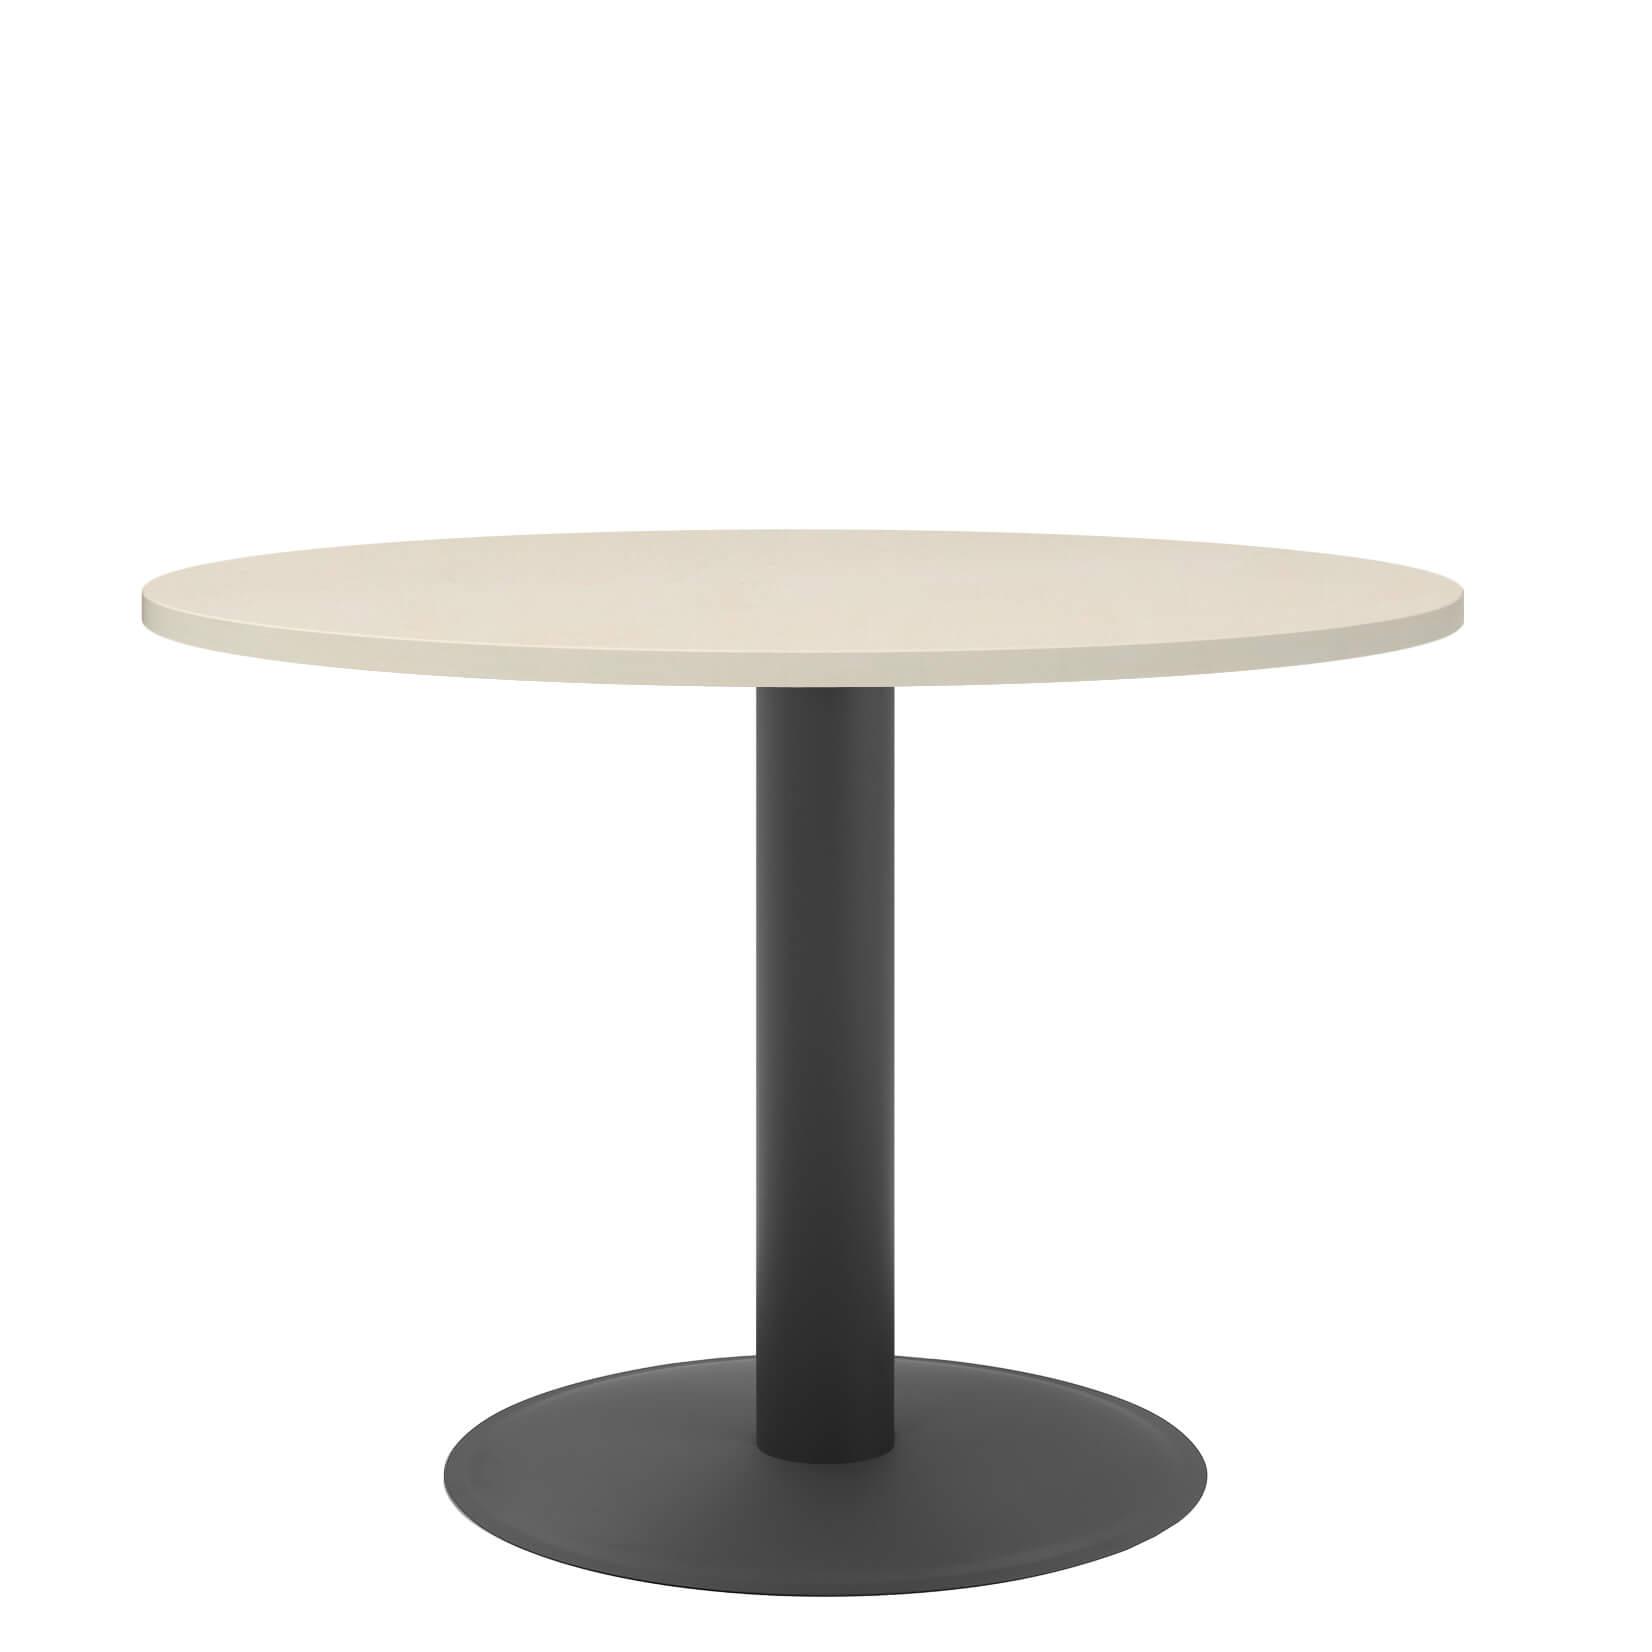 OPTIMA runder Besprechungstisch Esstisch Küchentisch Tisch Ahorn Rund Ø 100 cm